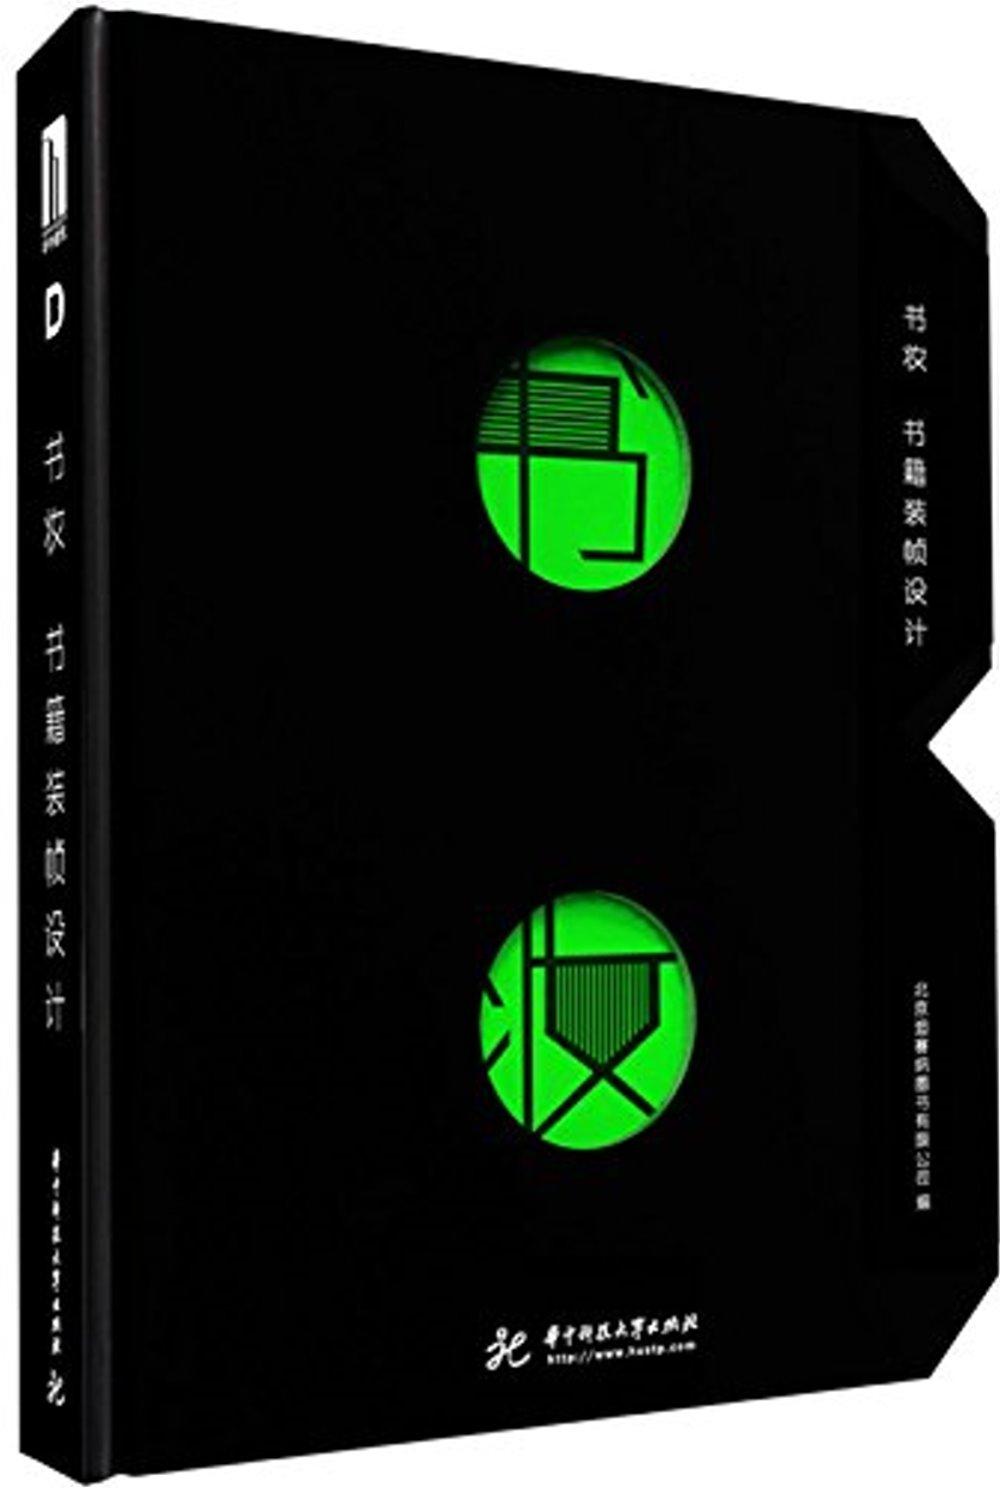 書妝:書籍裝幀設計